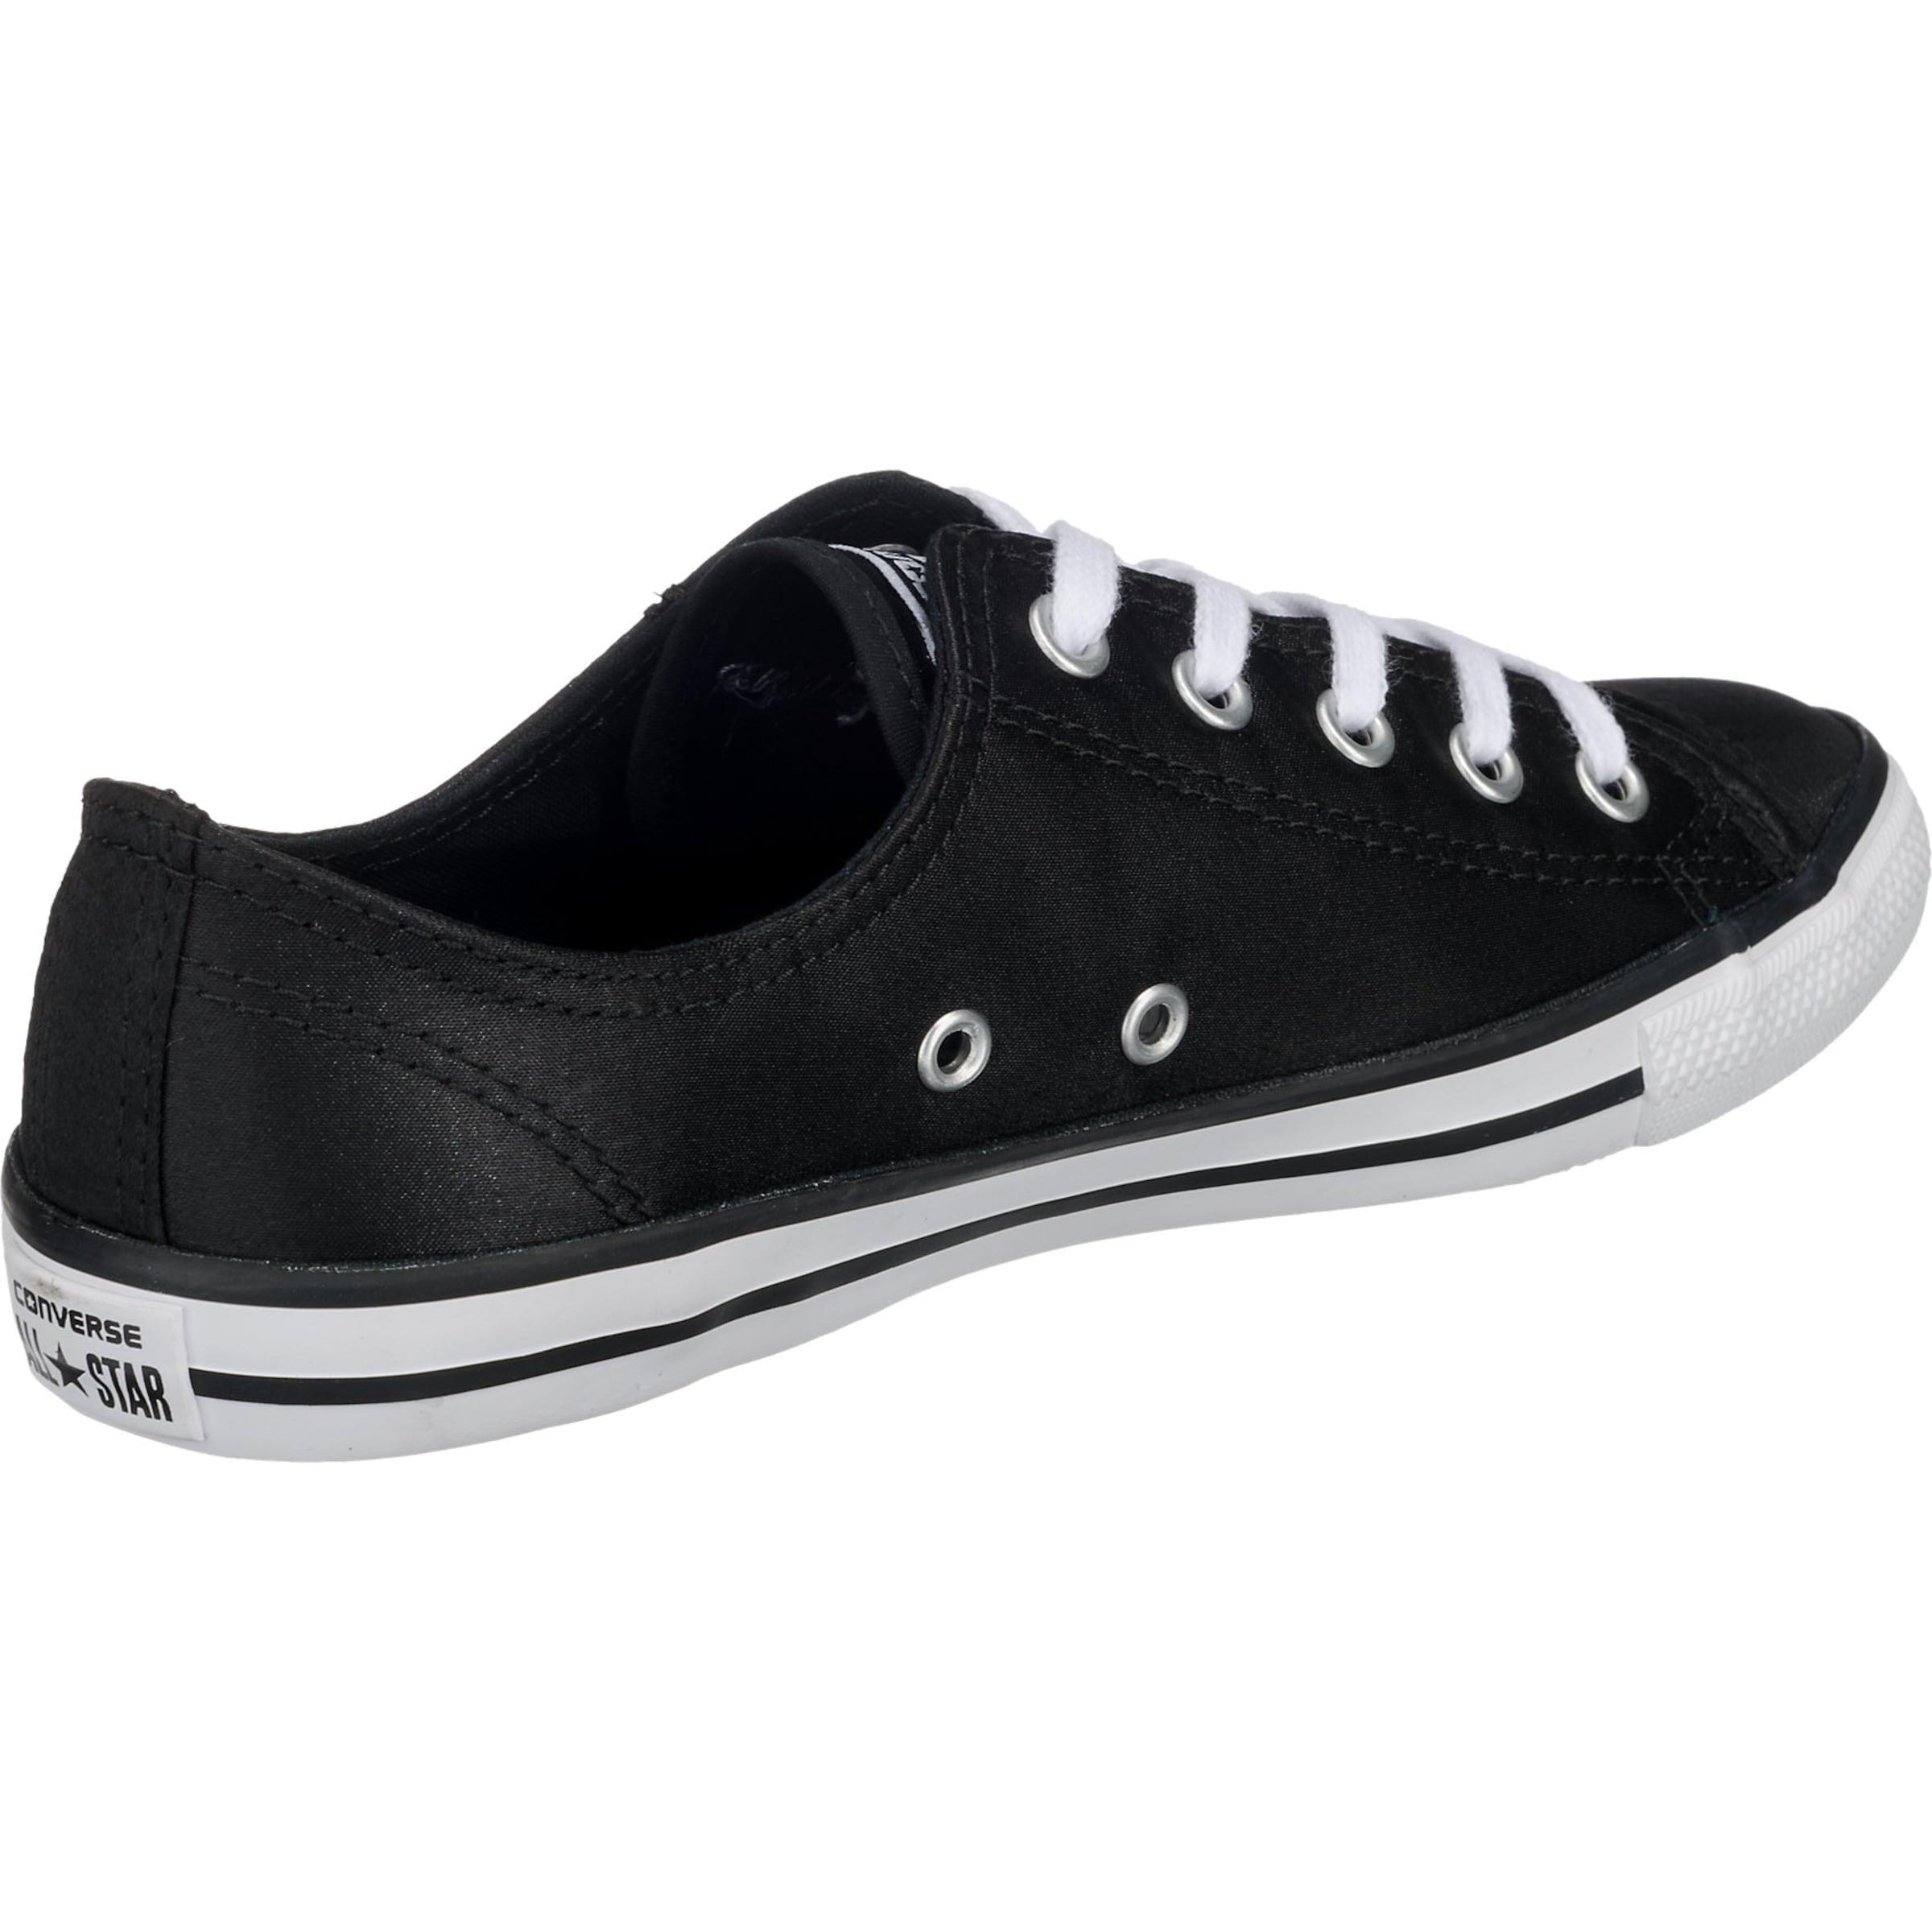 Freiraum 100% Original CONVERSE 'Chuck Taylor All Star Dainty Ox' Sneakers Günstig Kaufen Die Besten Preise OcRWObwoW